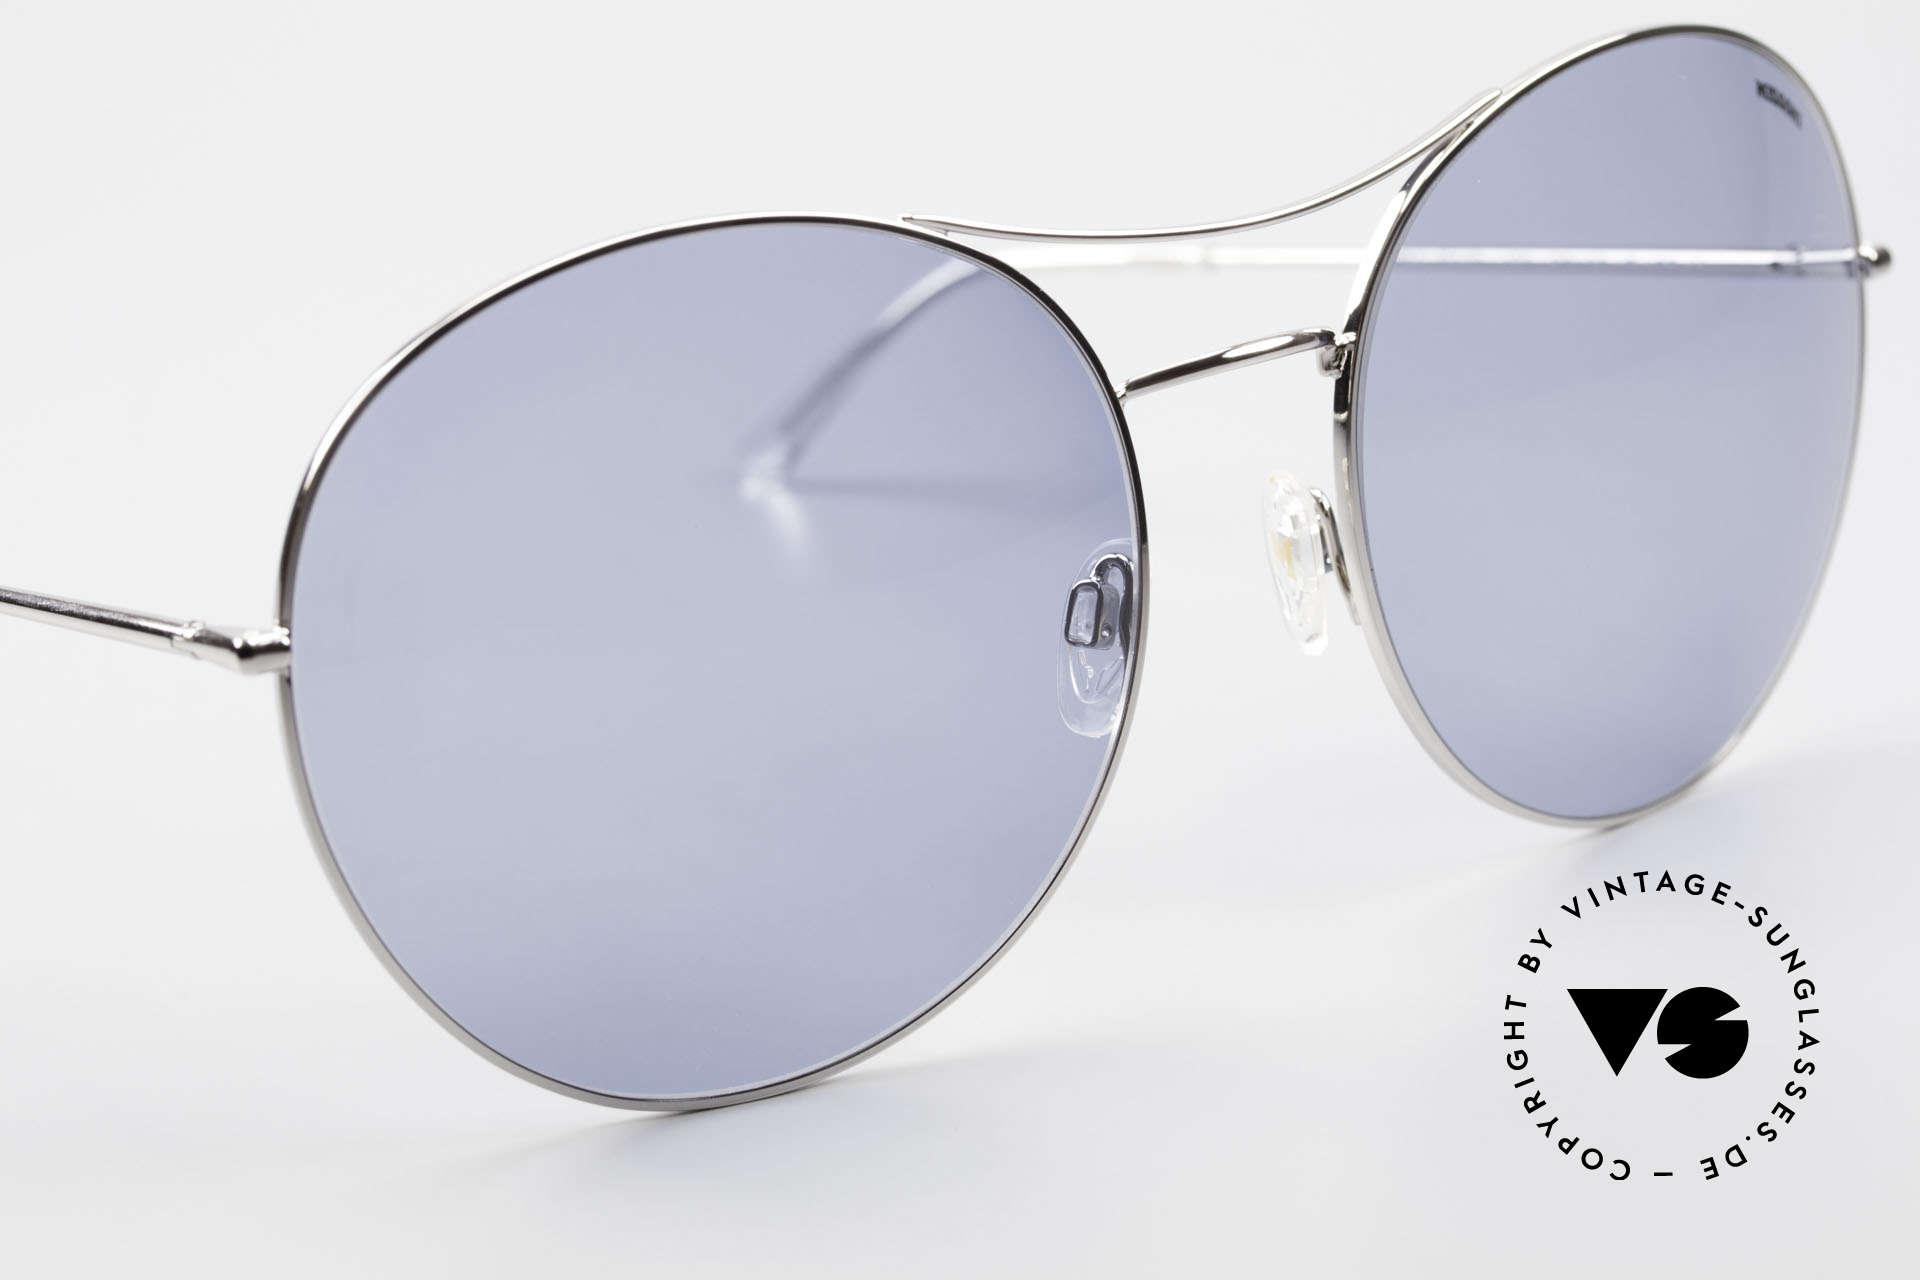 Missoni 0440 90er XXL Aviator Sonnenbrille, ungetragen (wie alle unsere MISSONI Sonnenbrillen), Passend für Herren und Damen